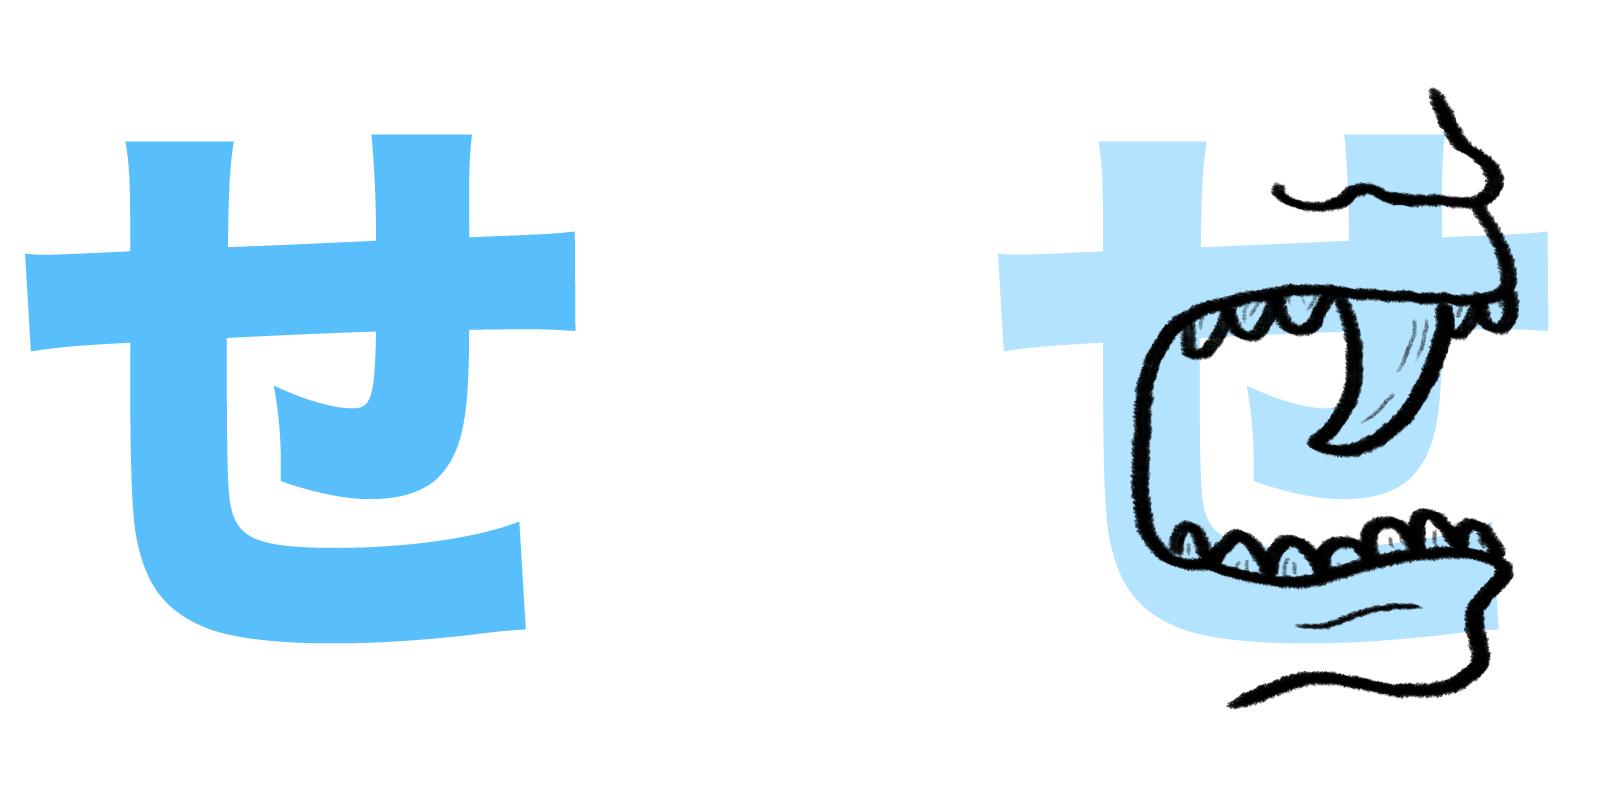 せ hiragana mnemonic